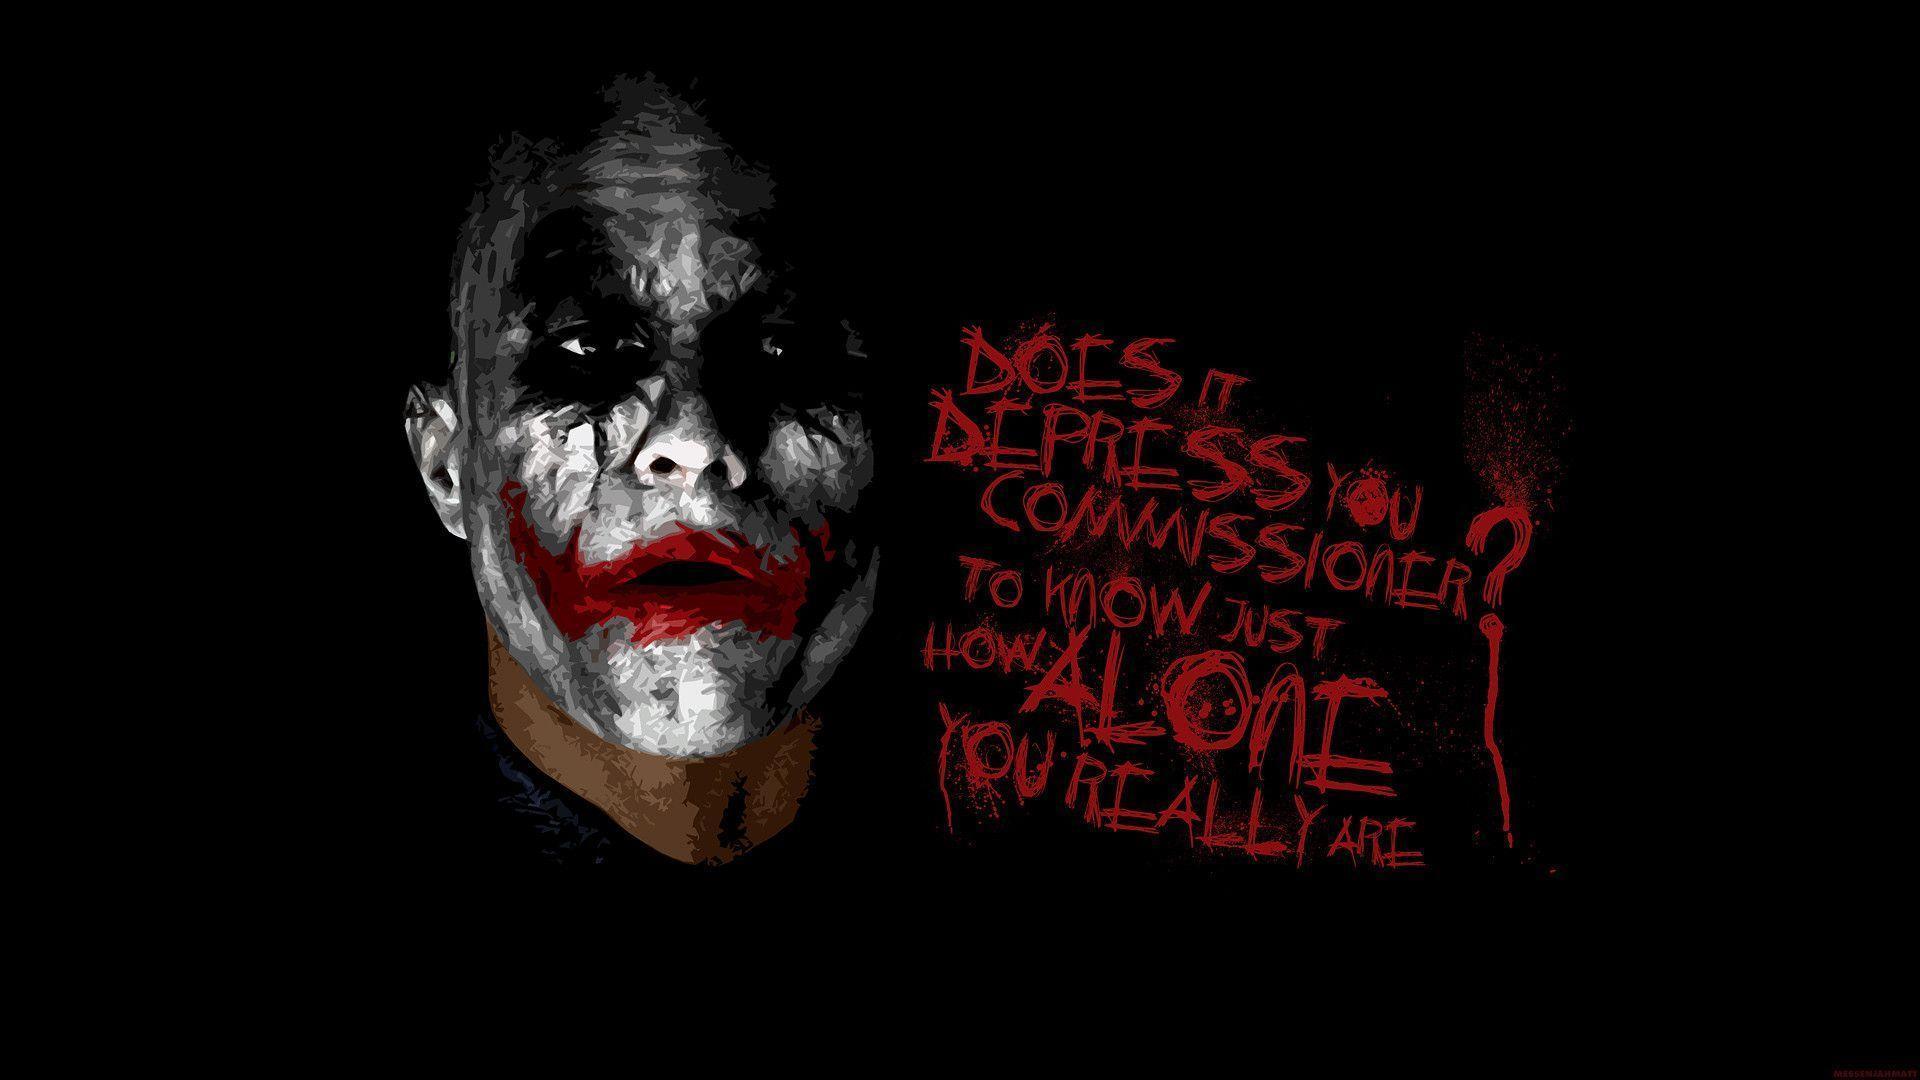 The Joker Arkham City HD desktop wallpaper High Definition